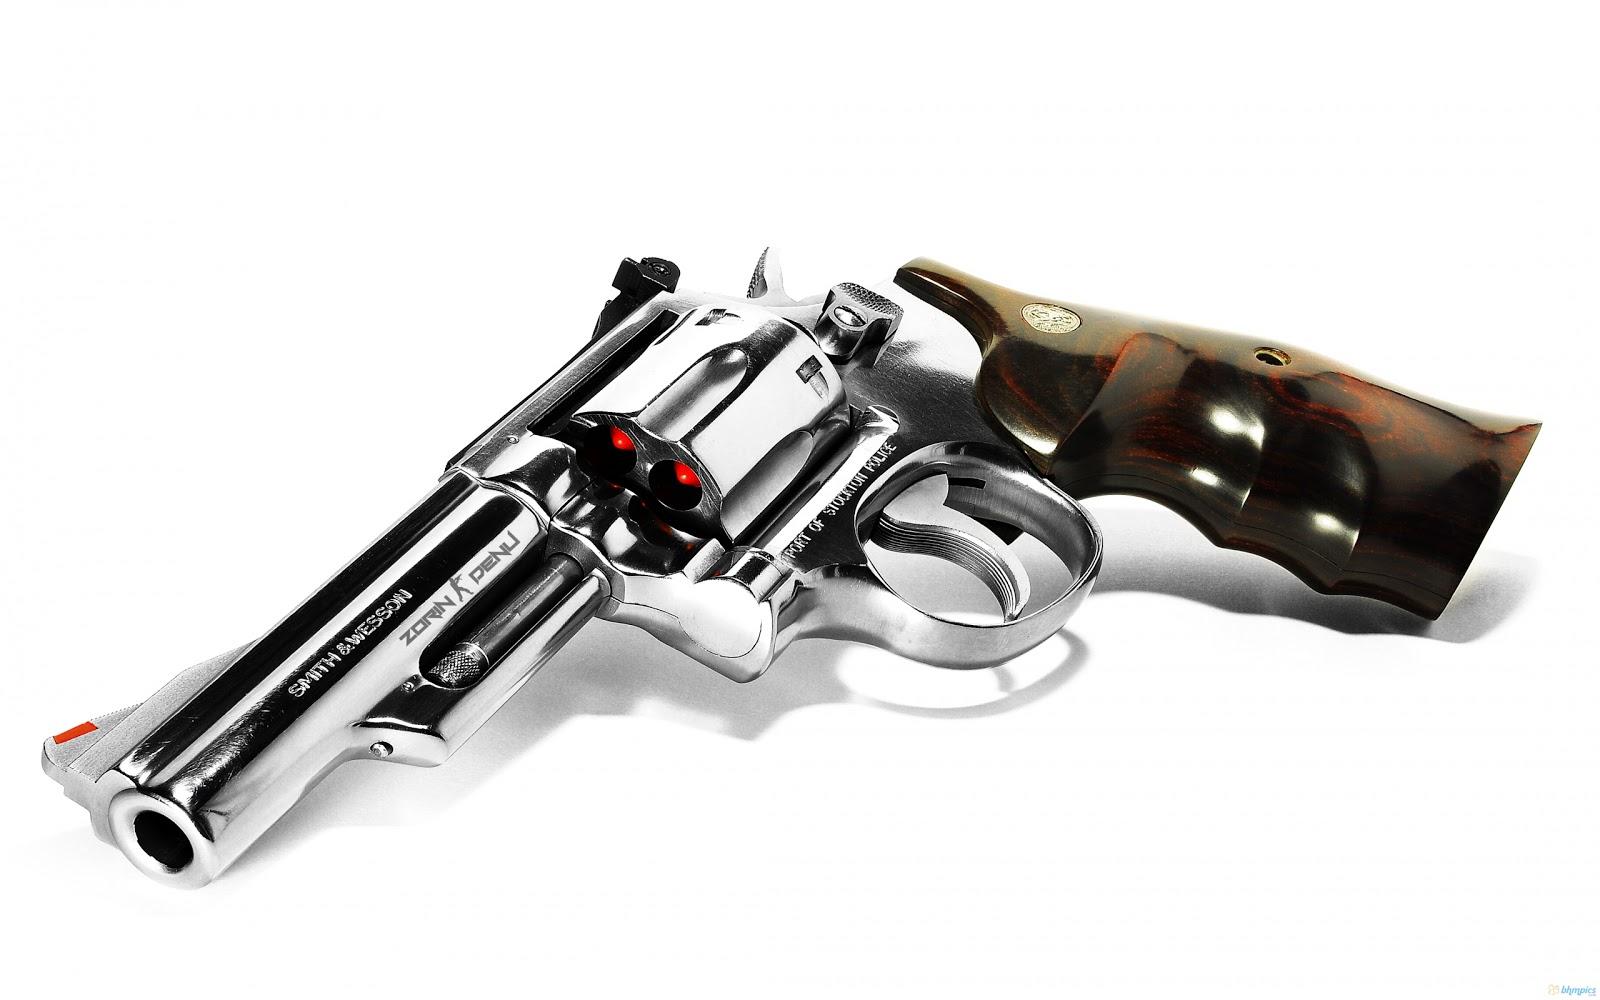 Wallpaper download gun - Pistol Gun Classic Wallpaper Download For Pc 3 11632 Wallpaper Cool